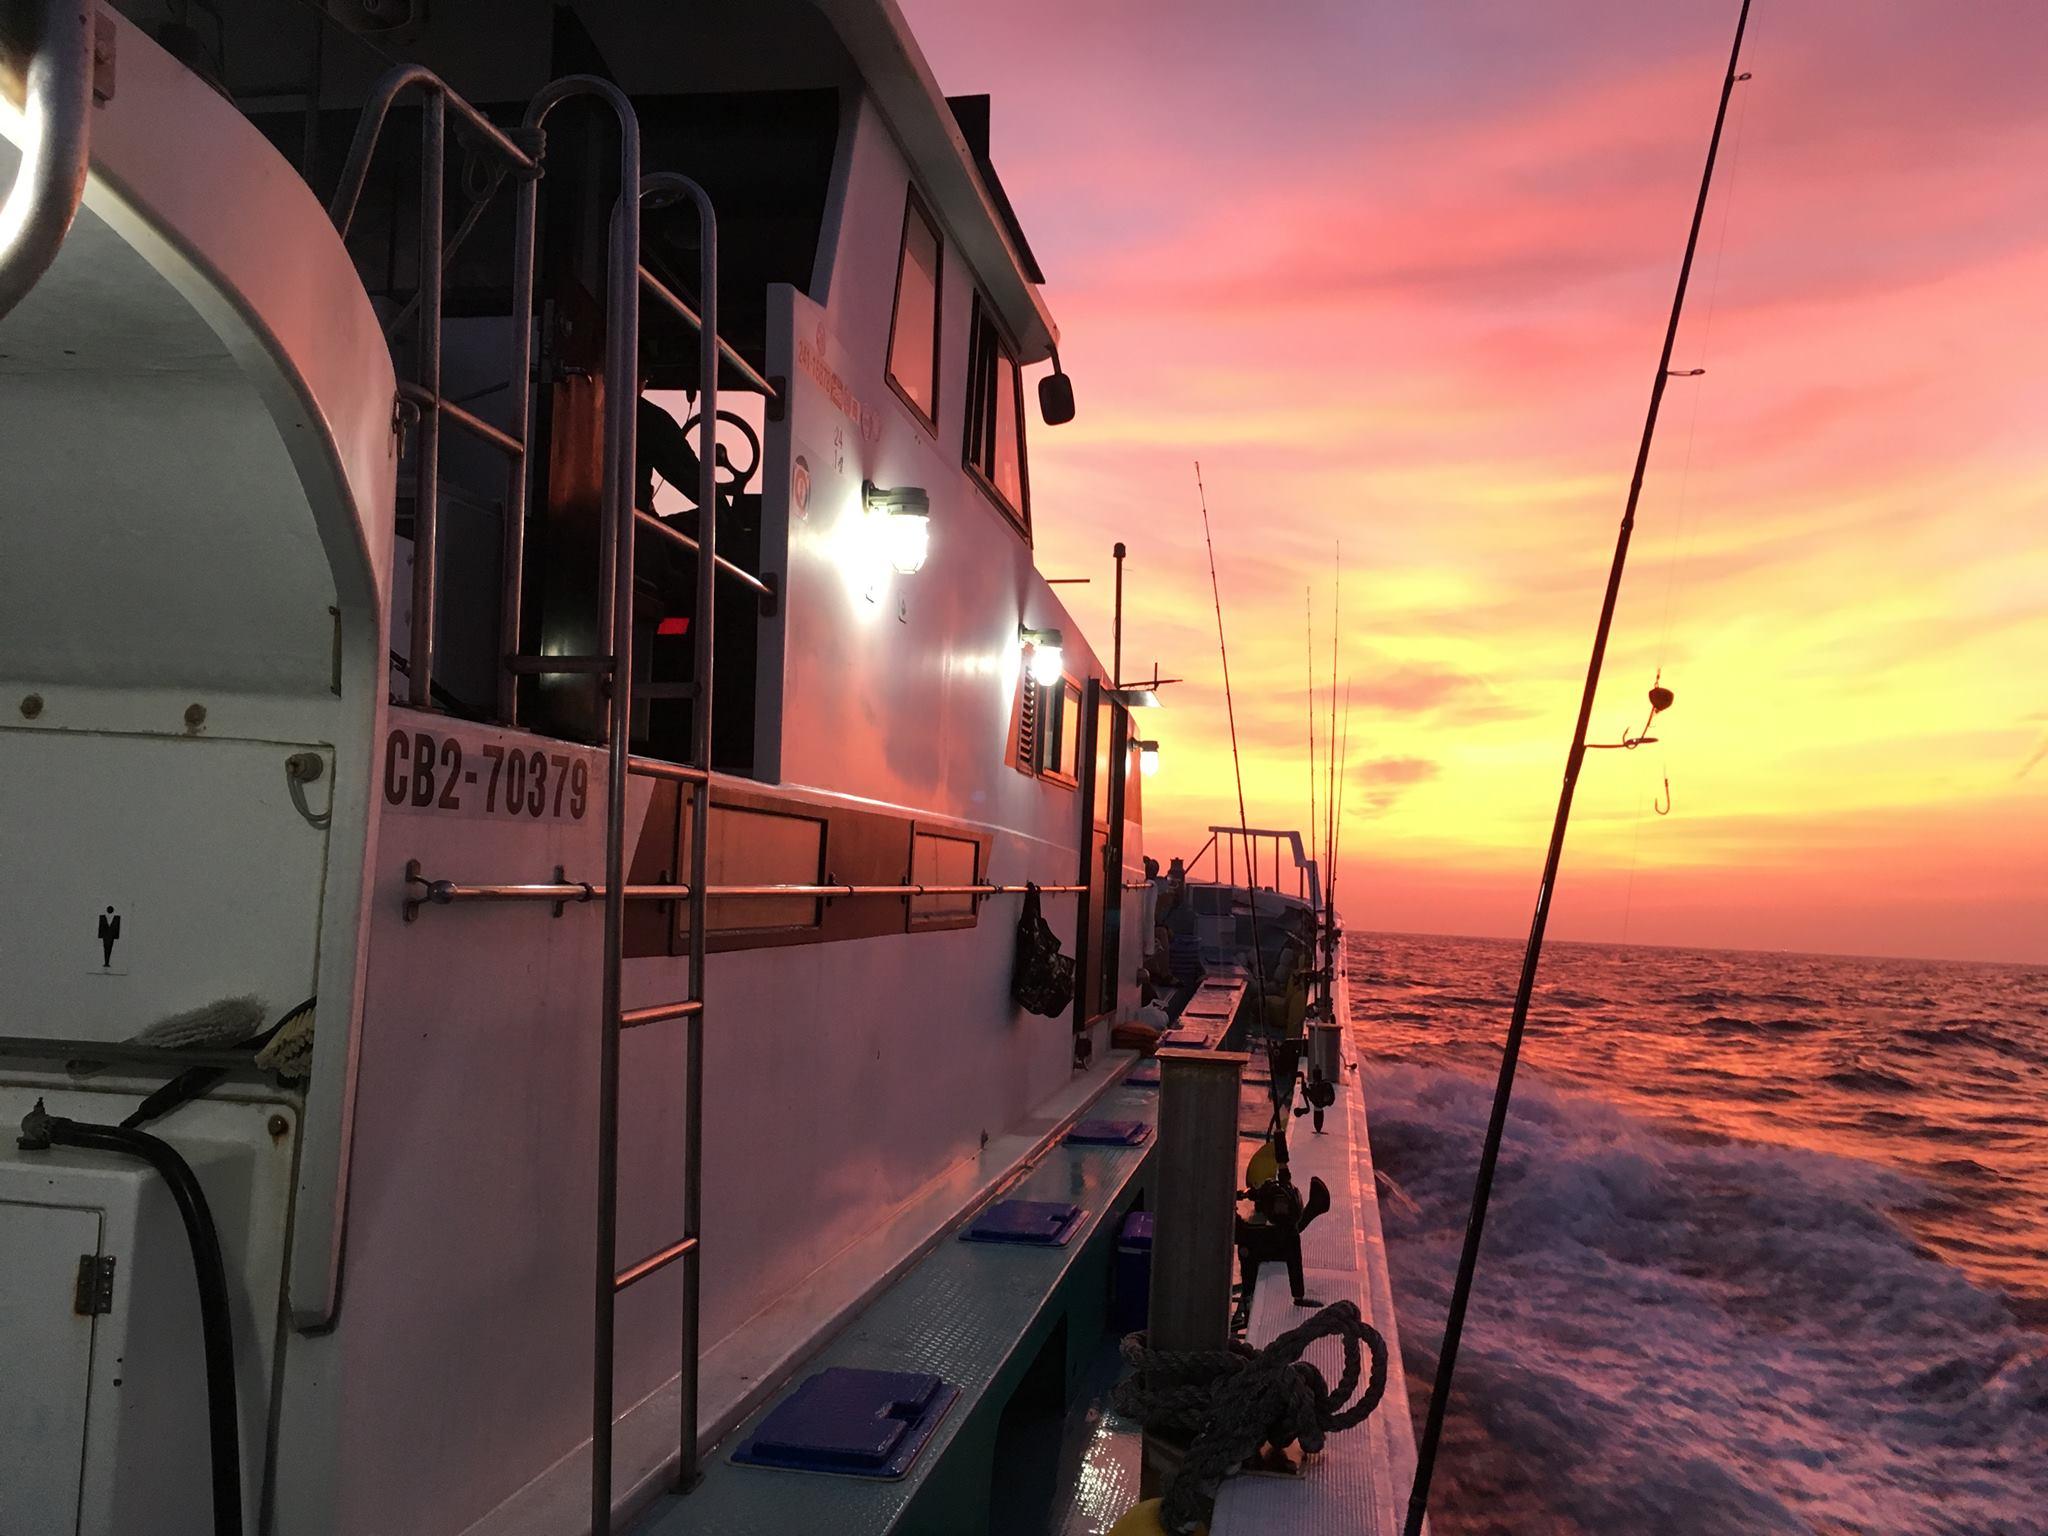 勝晃丸の公式釣り船予約「24時間受付・特別割引・ポイント還元」by釣割